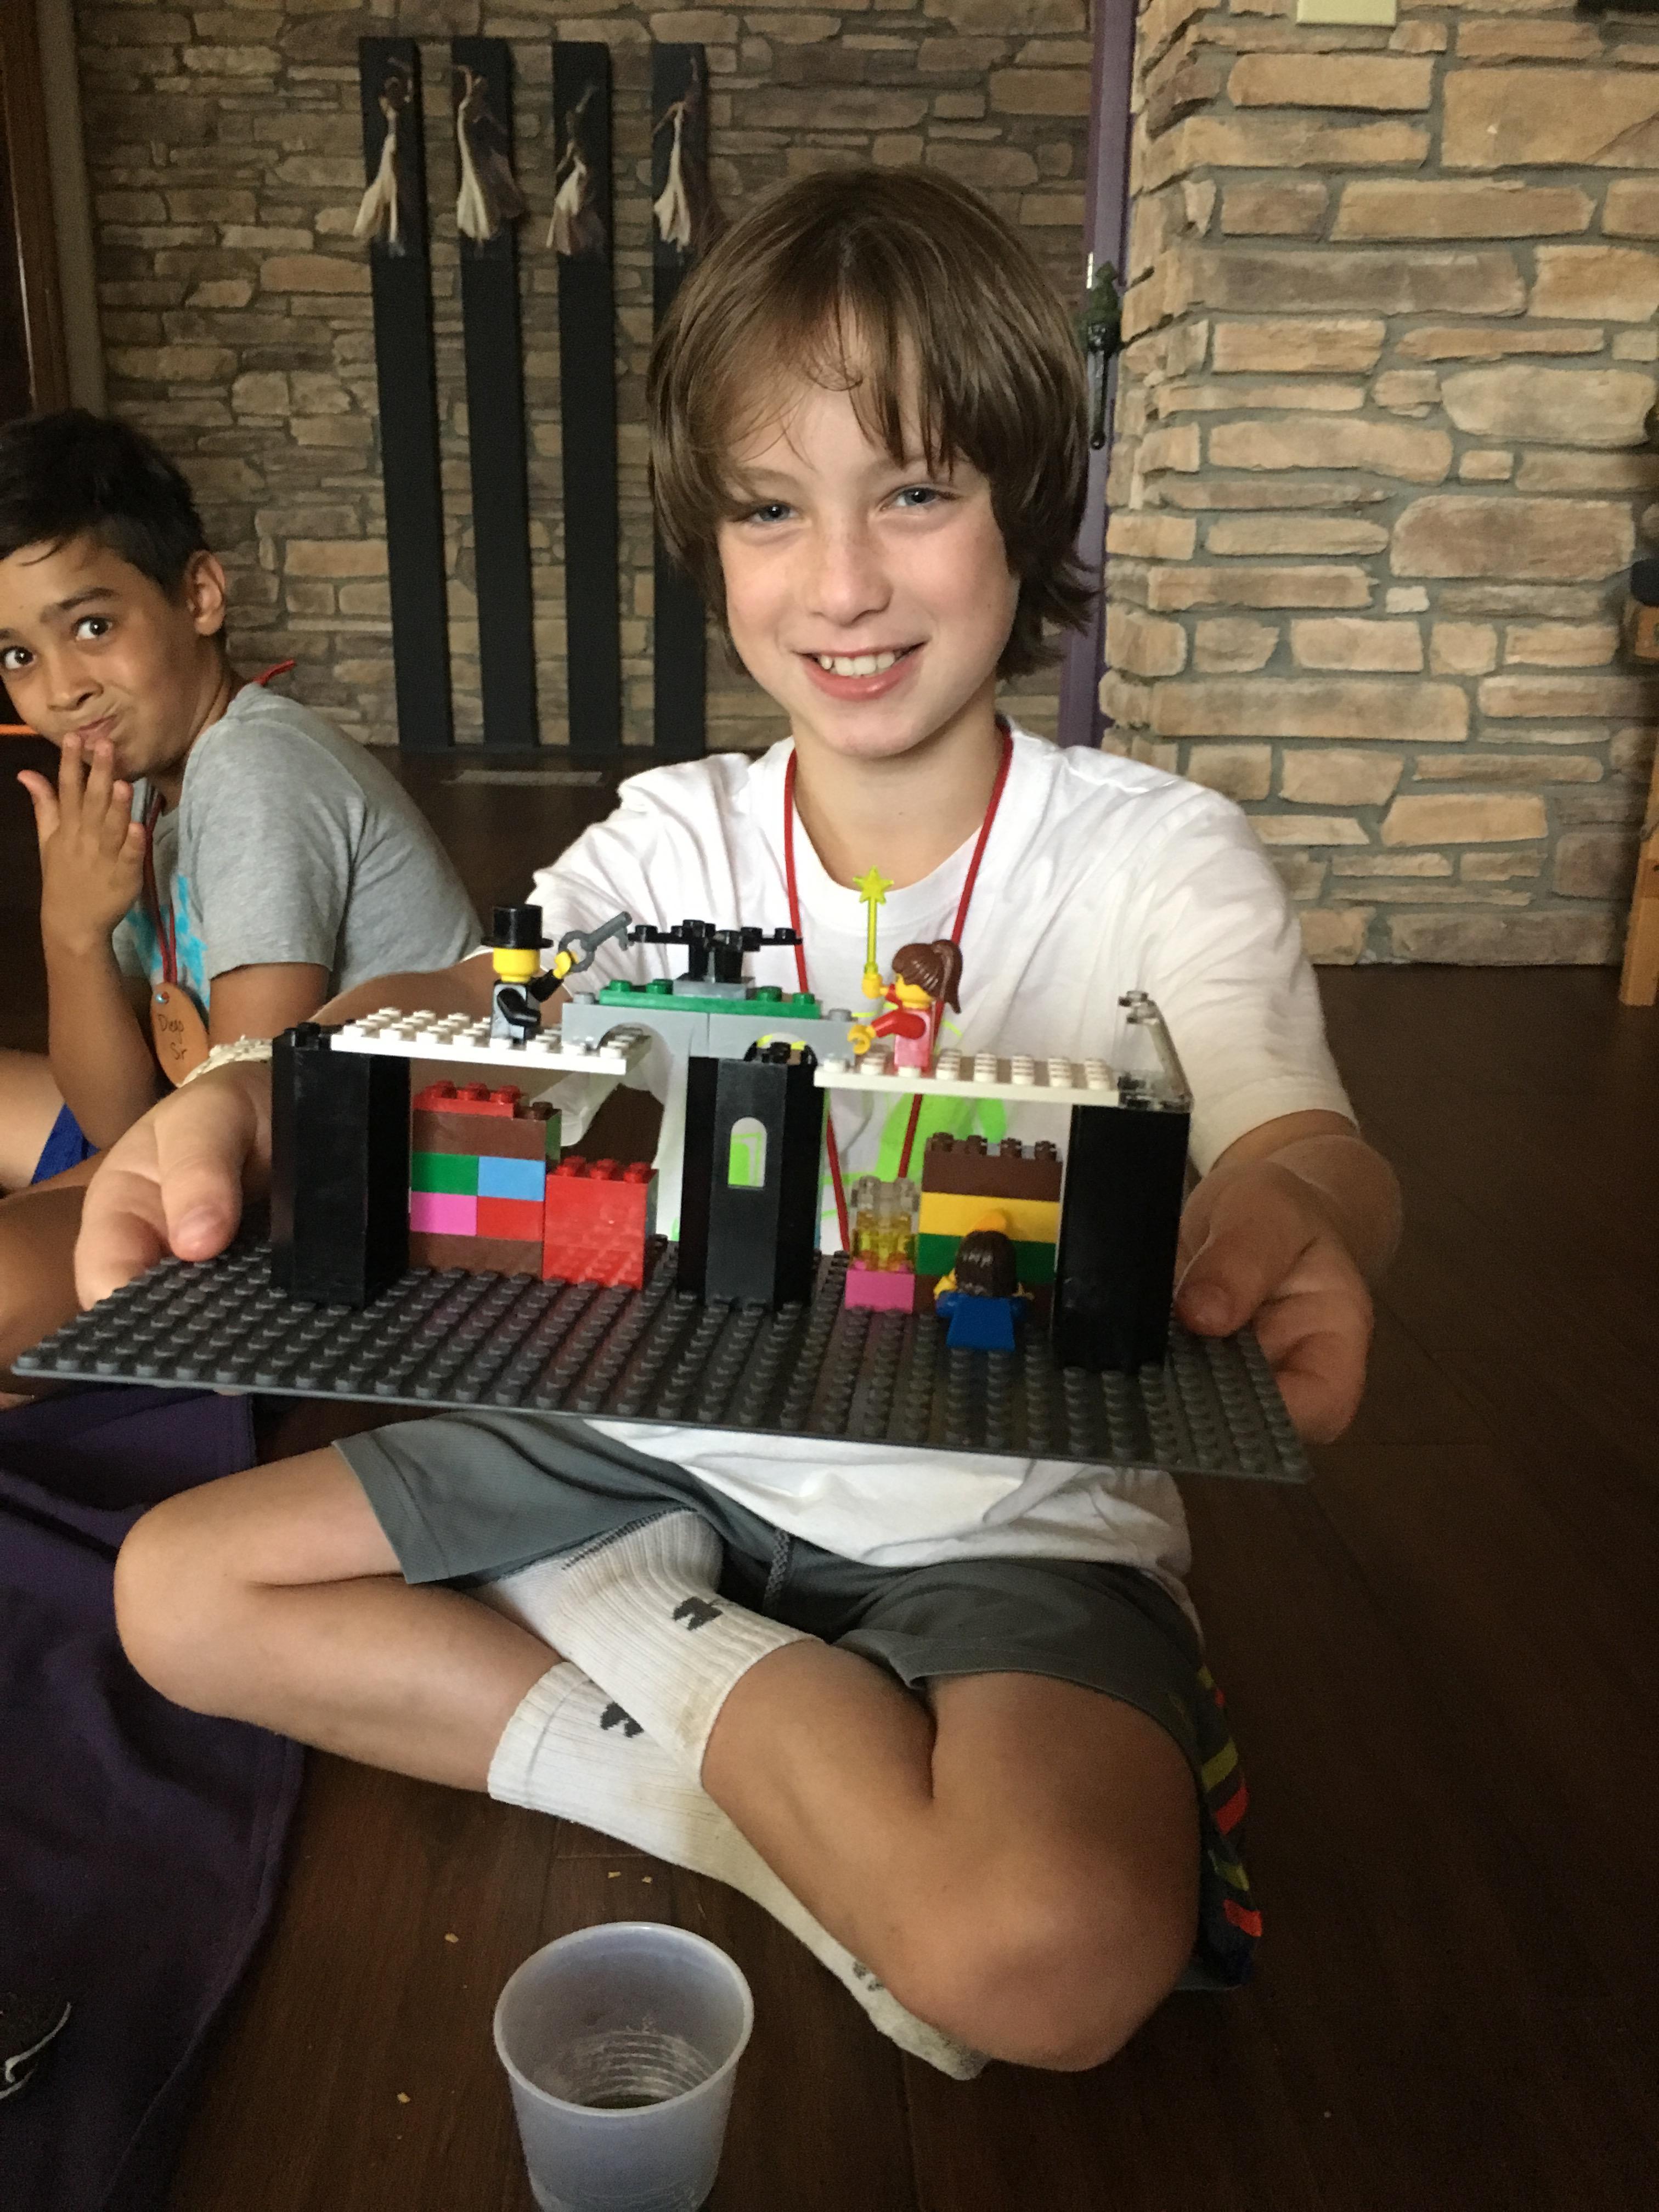 Lego Hearth.jpg